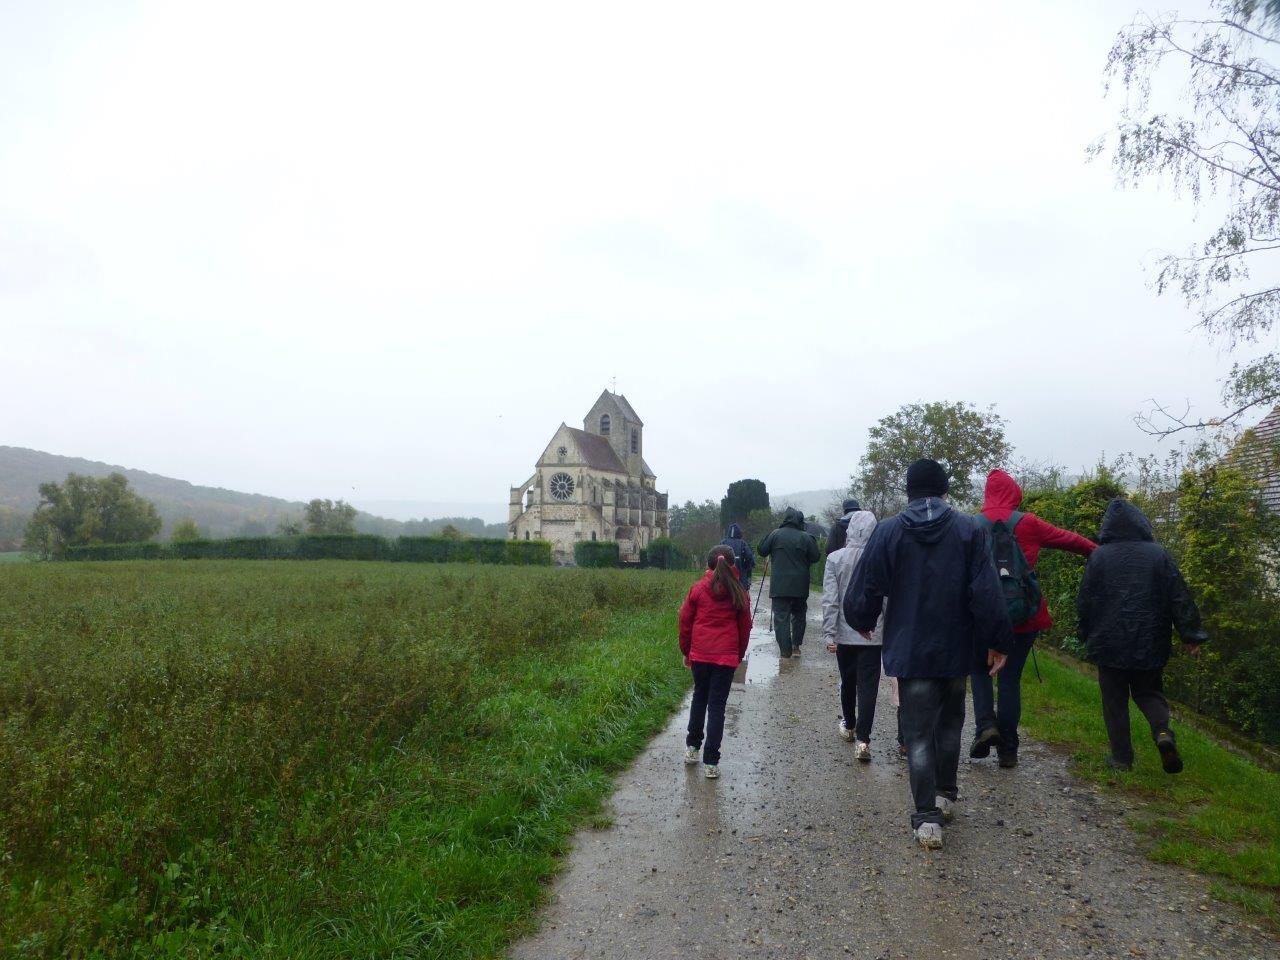 Église de Mézy-Moulins : L'étude architecturale semble indiquer un début de construction vers 1215 et un achèvement vers 1230...